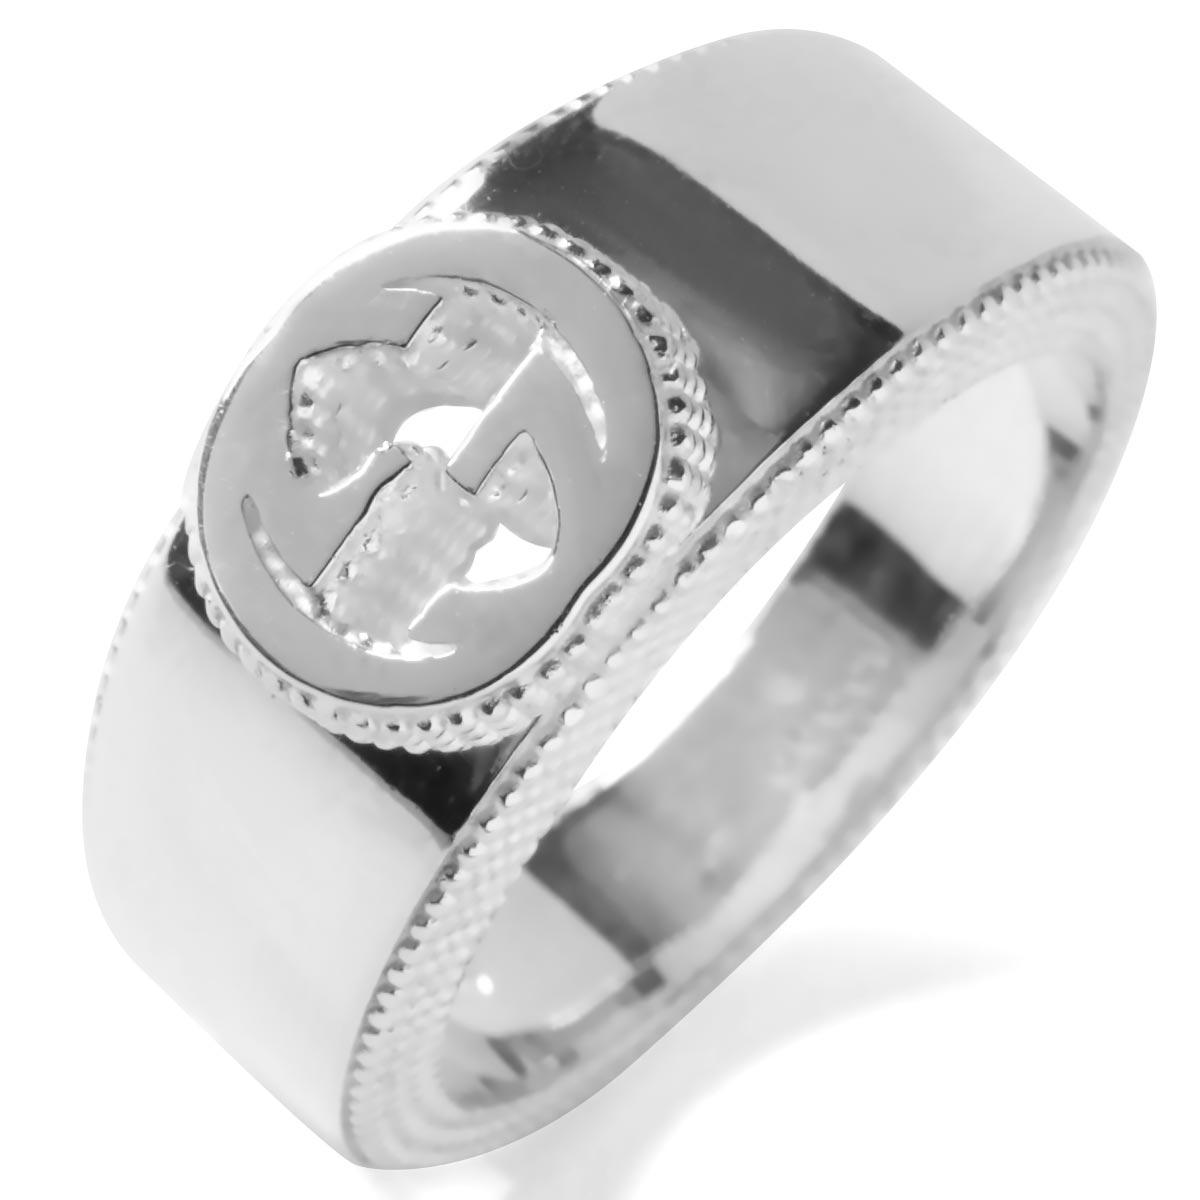 fd76ef2587d2 グッチ リング【指輪】 アクセサリー メンズ レディース インターロッキングG シルバー 479228 J8400 8106 GUCCI